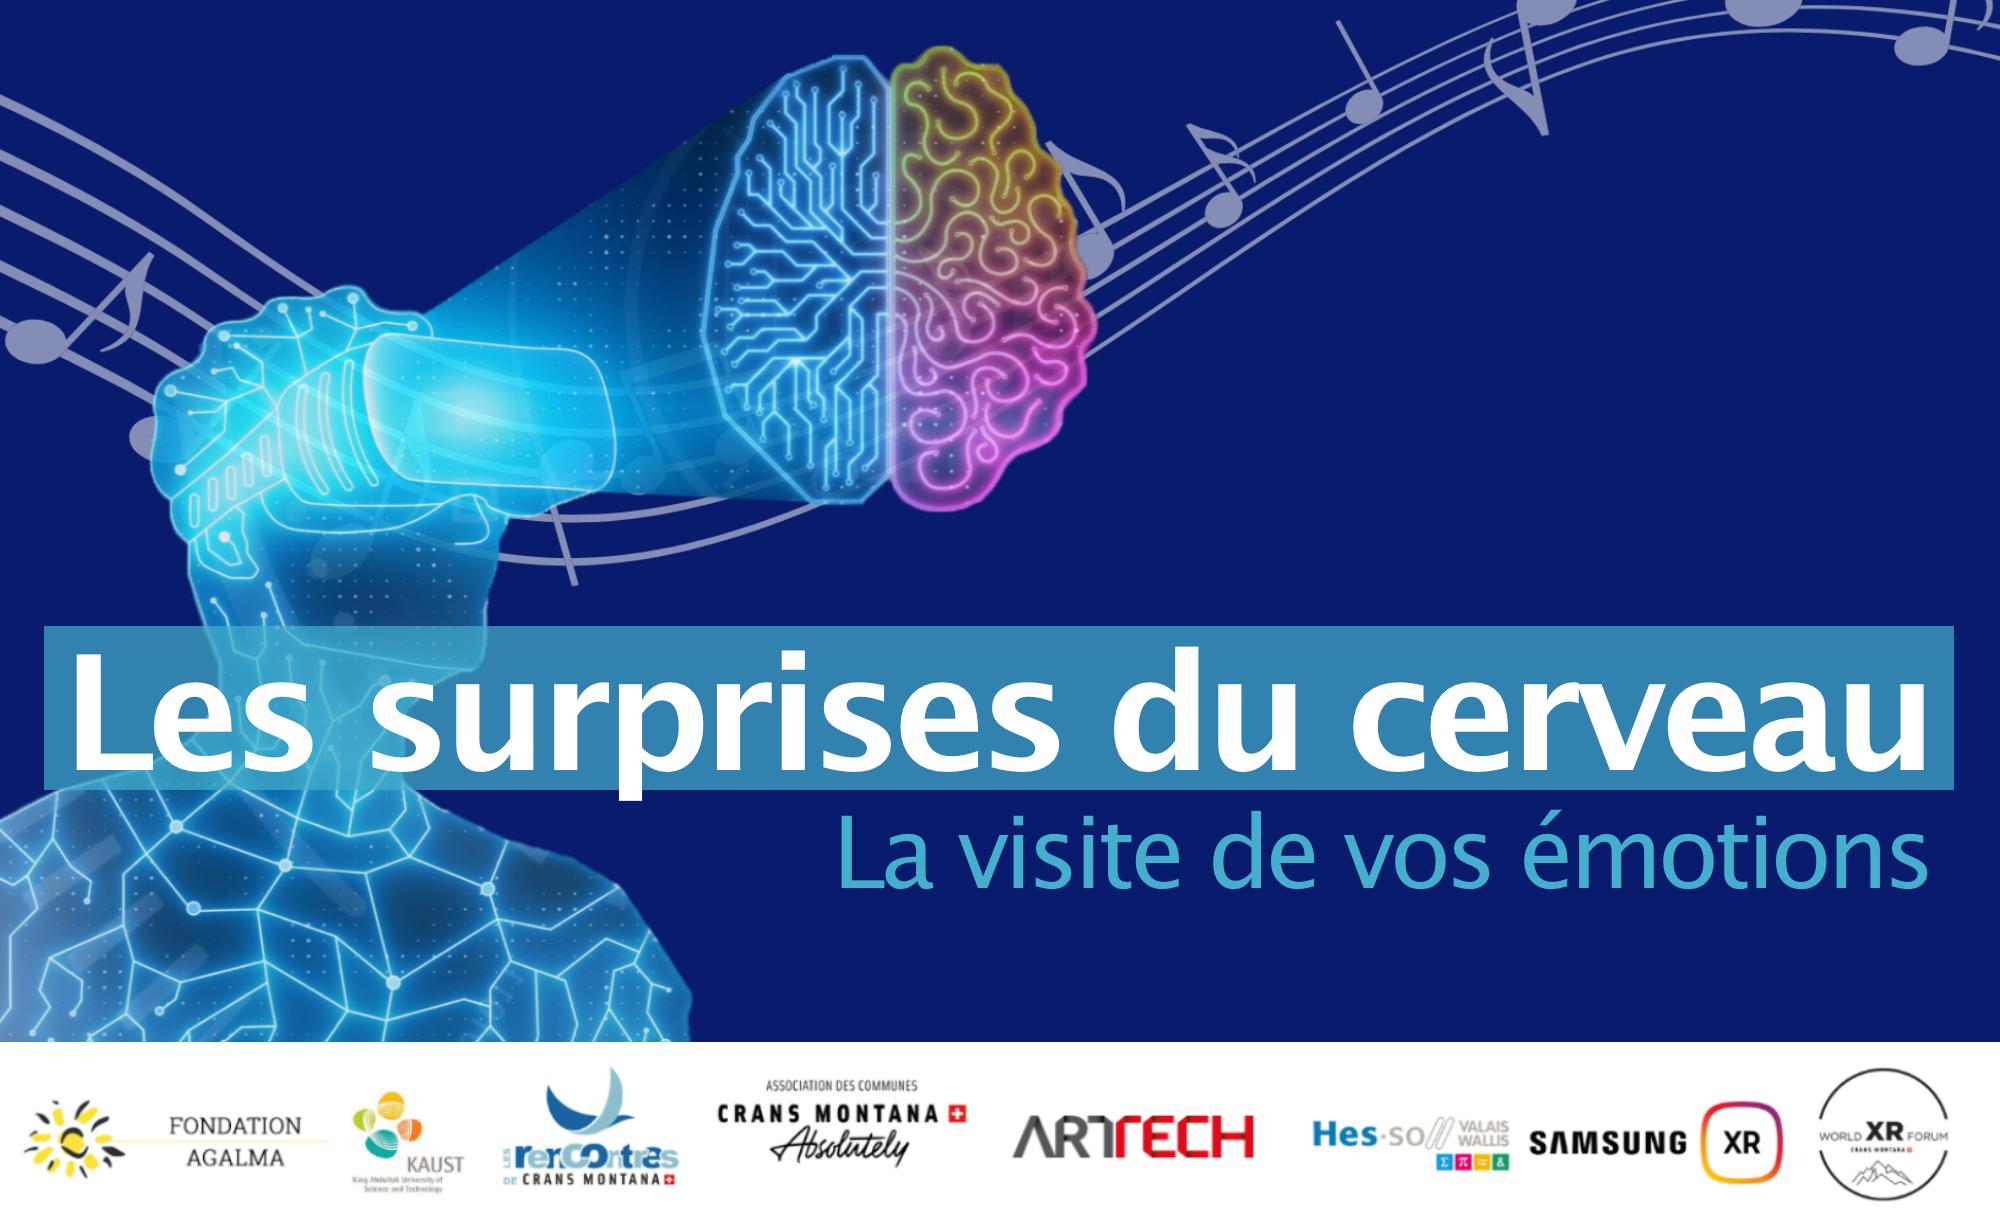 Cos'è? Les Surprises du Cerveau è un'...